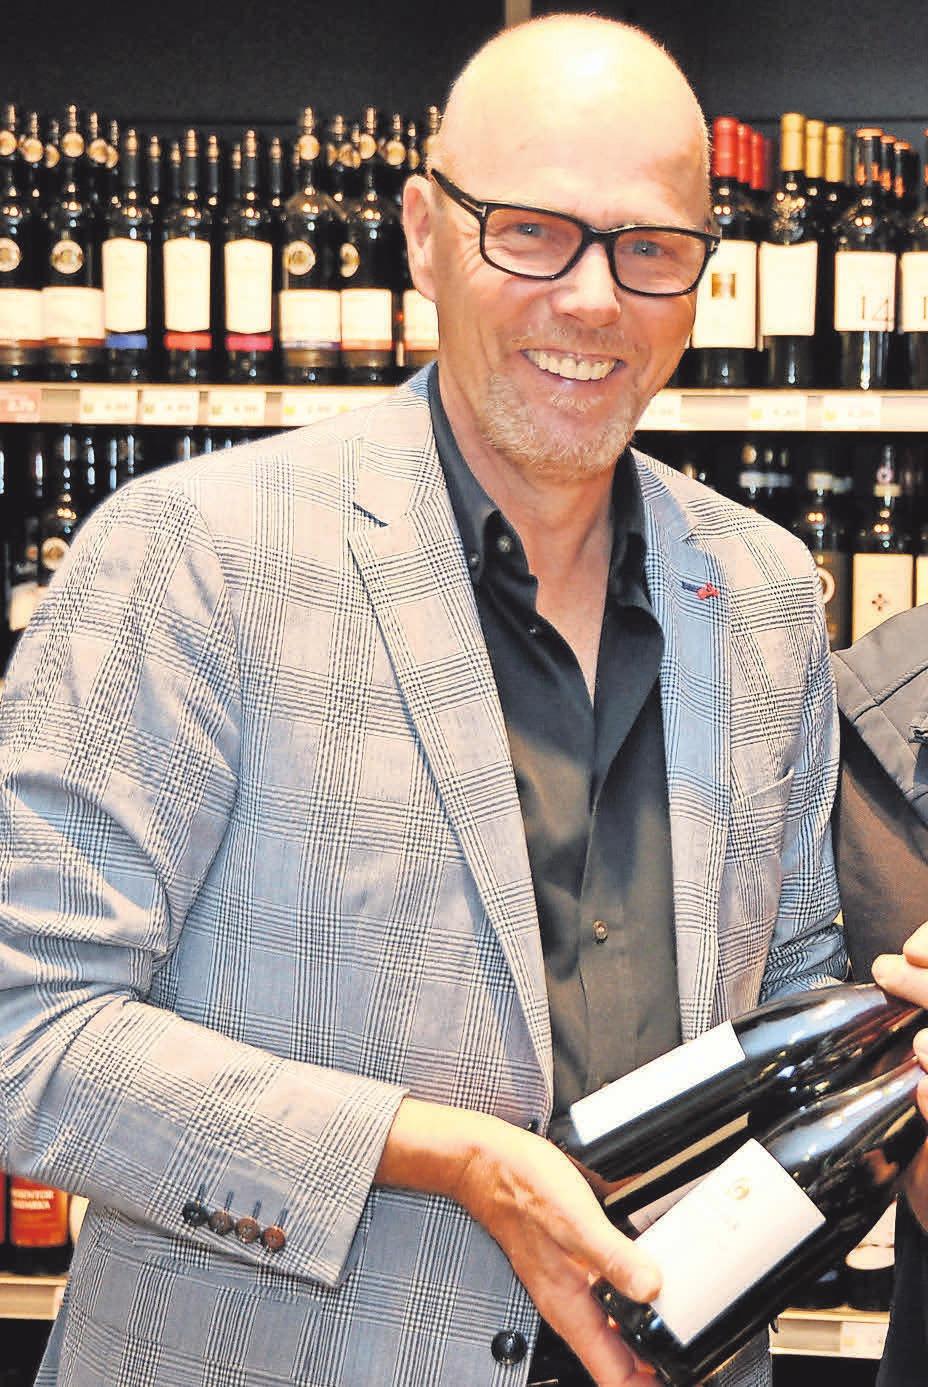 Auch Inhaber Stefan Ladage schätzt einen guten Wein.